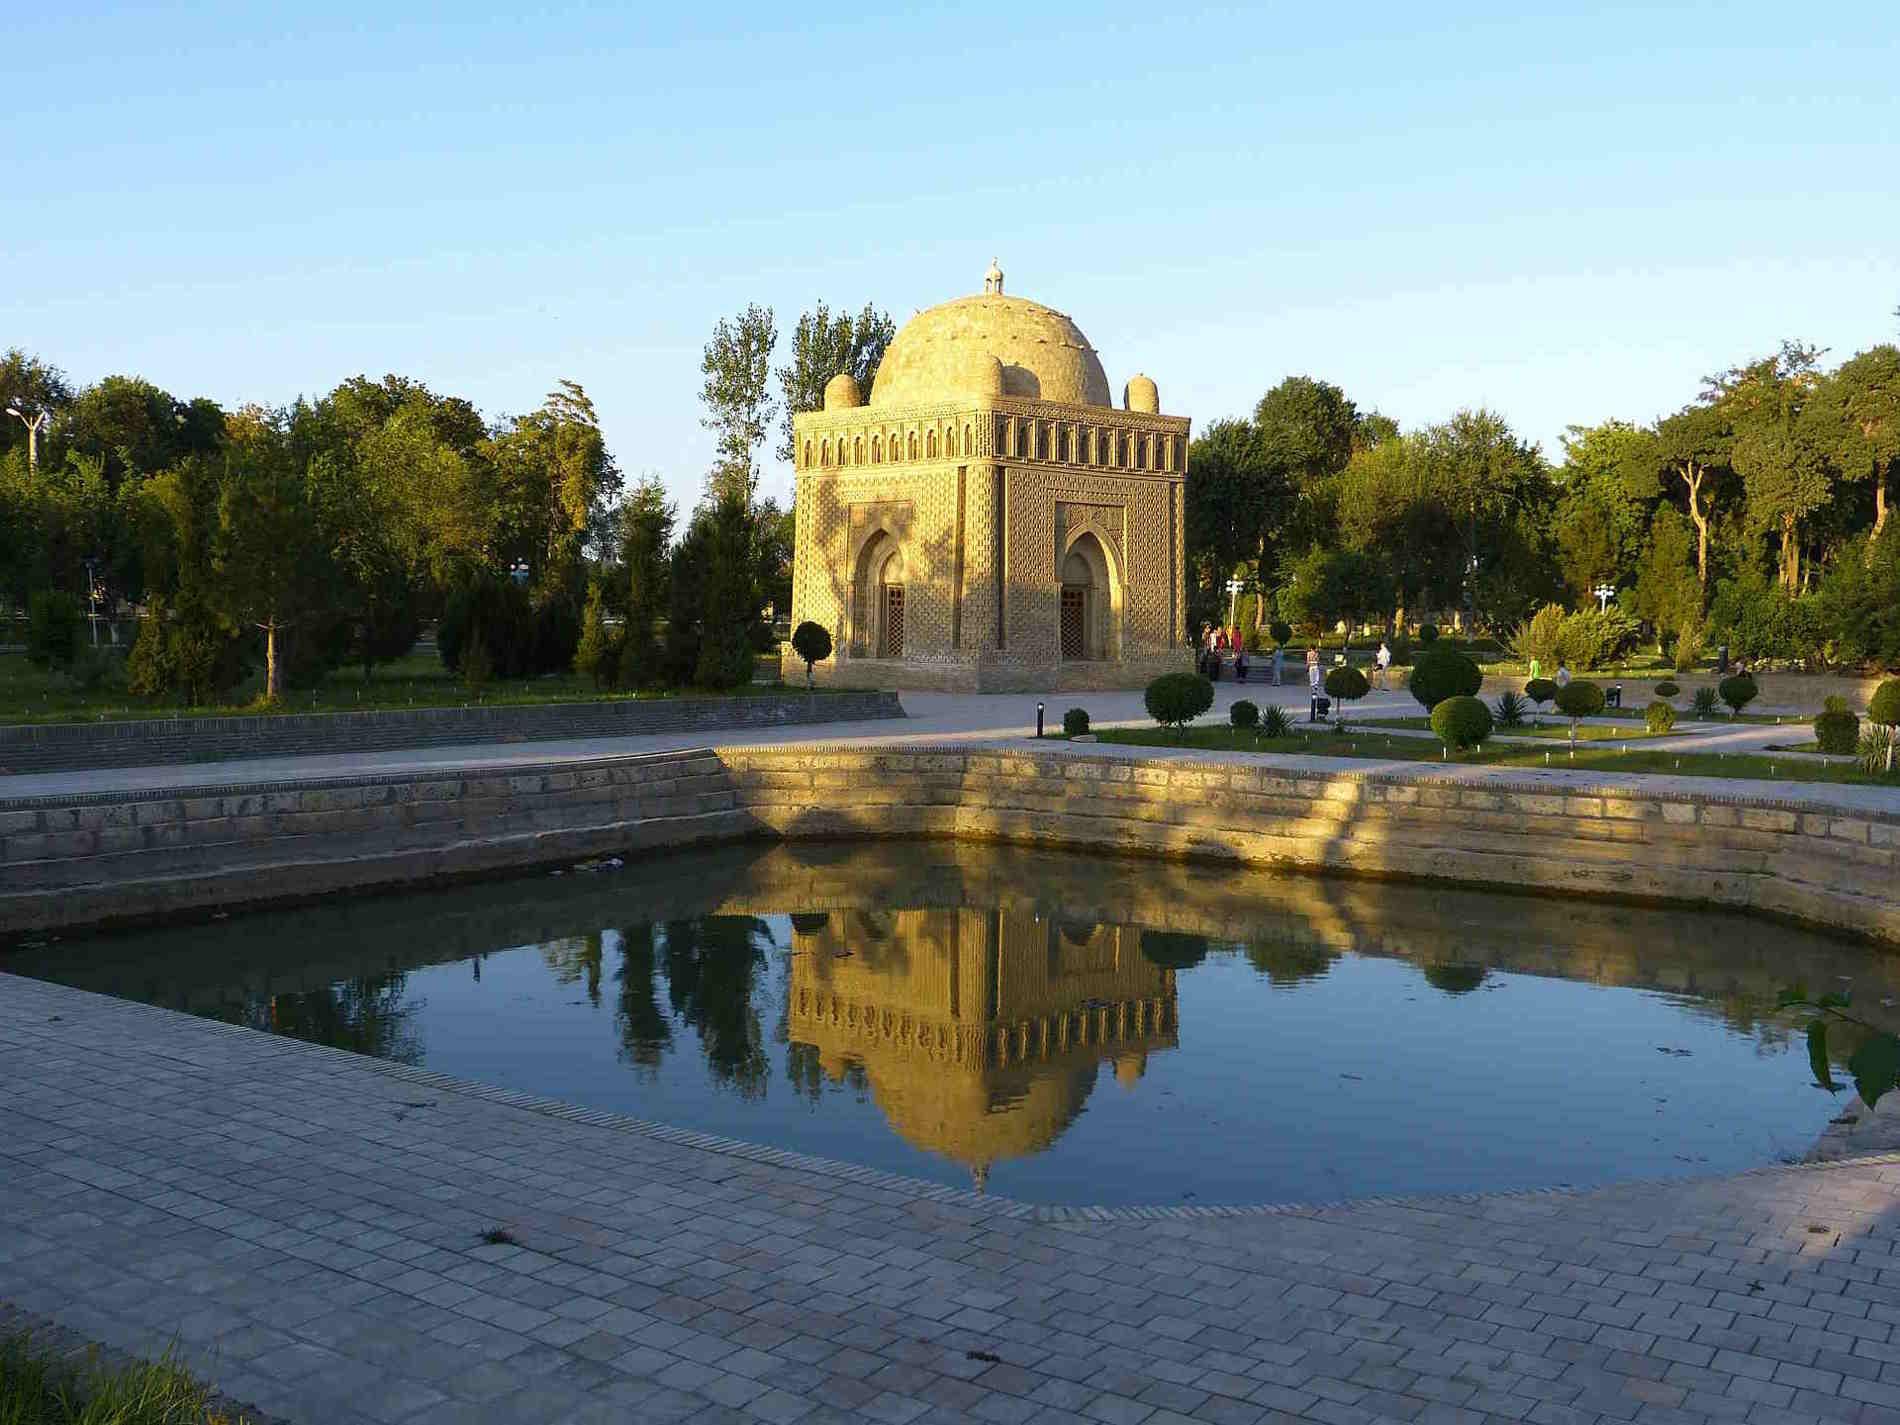 Mausoleo-samanide-Bukhara-tour-in-Uzbekistan